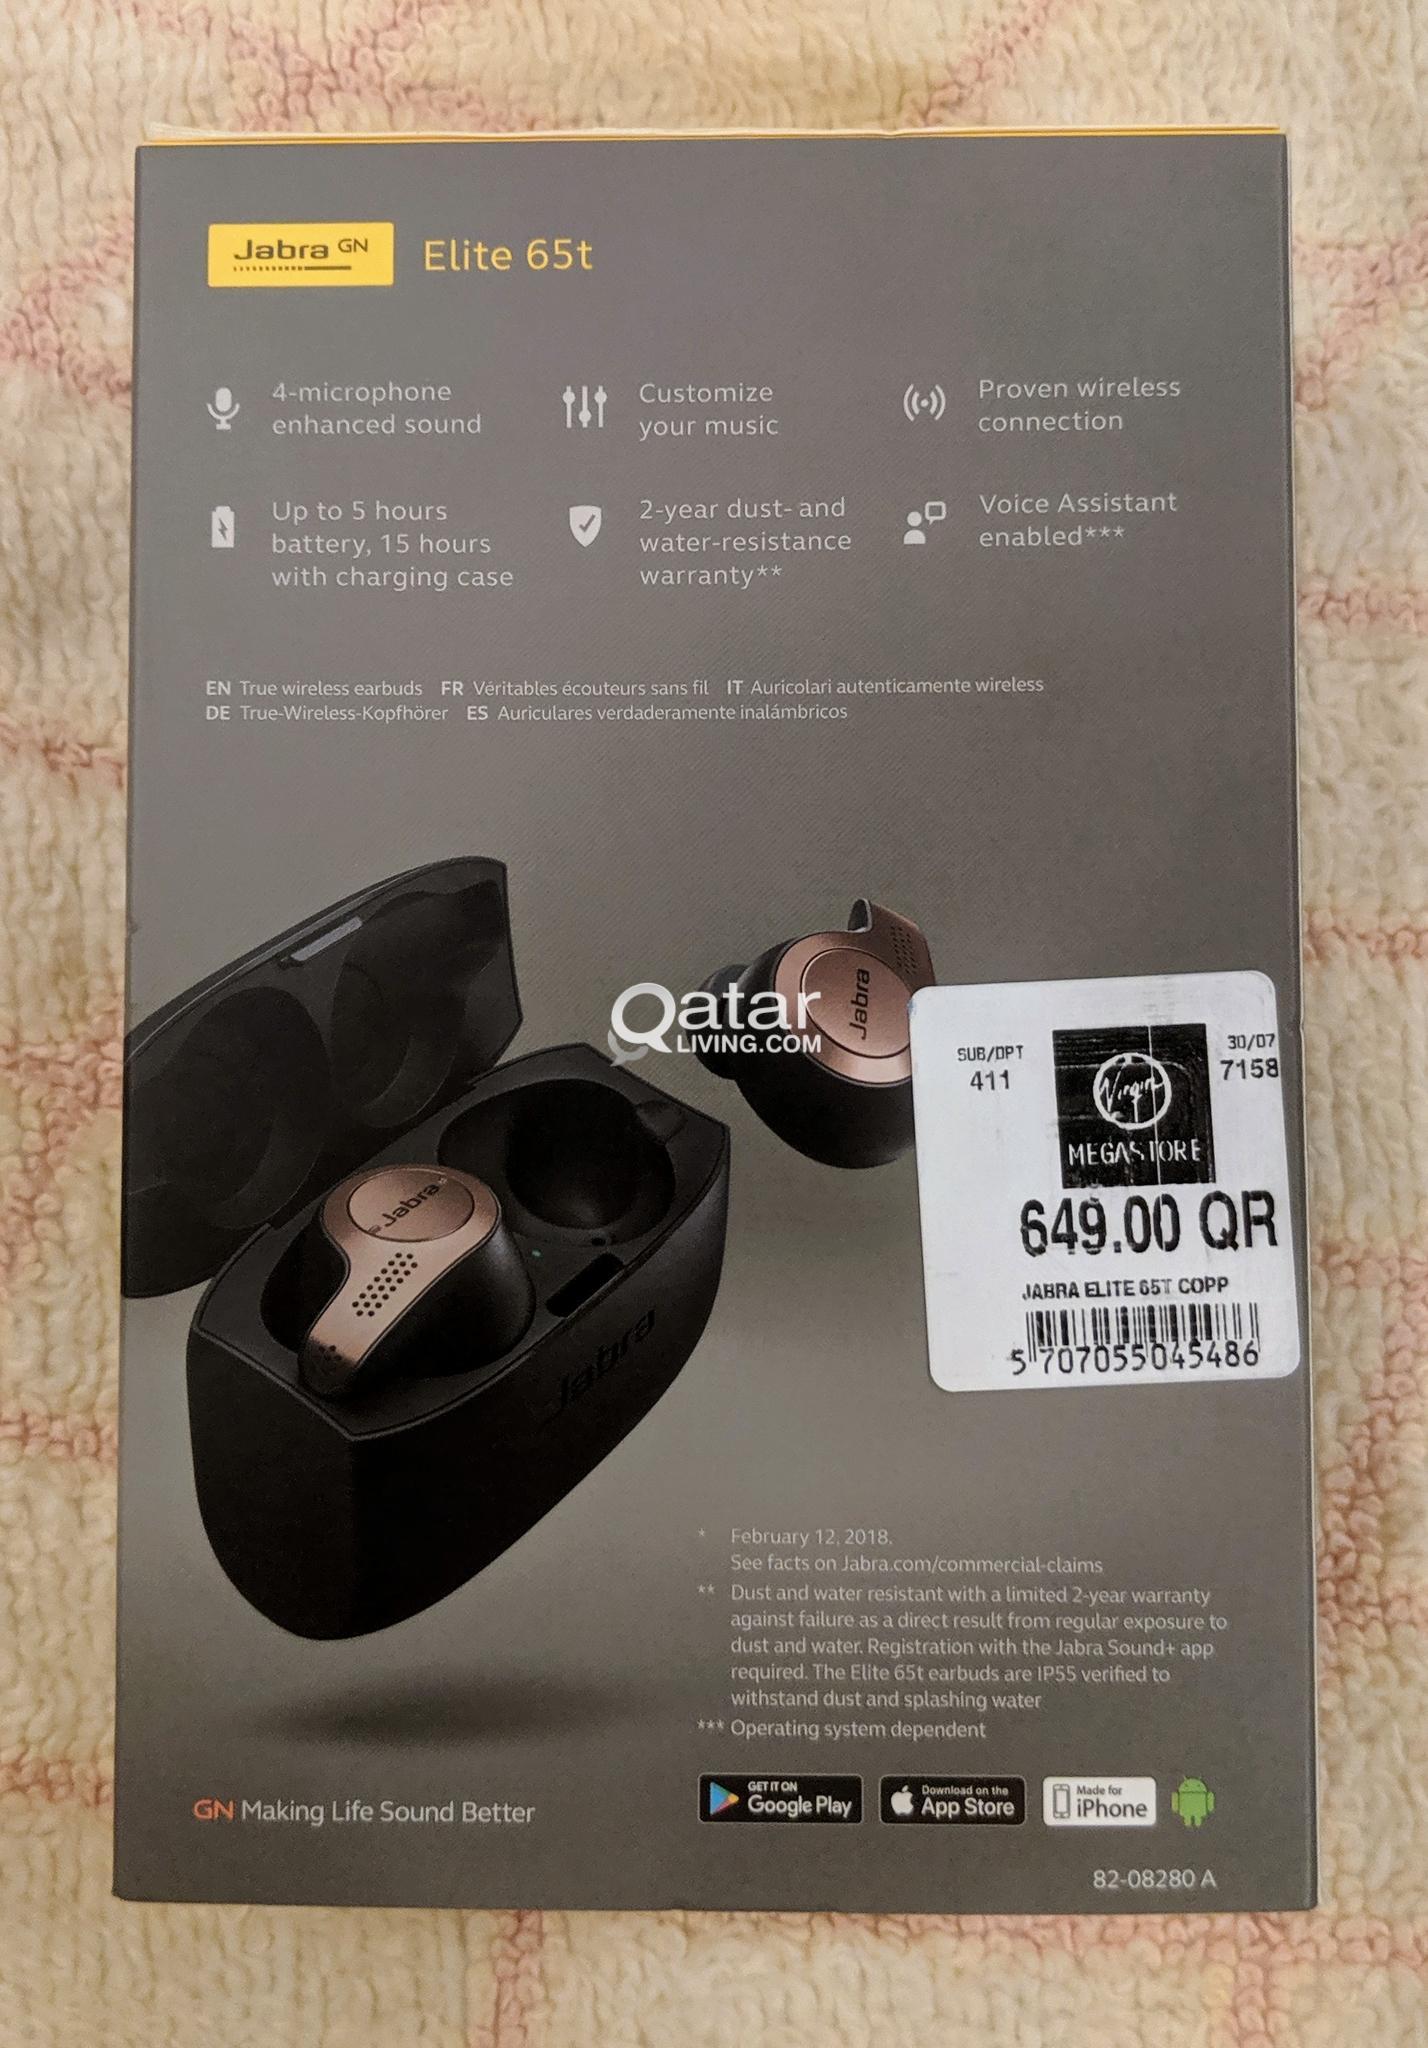 Jabra Elite 65t Wireless Earbuds | Qatar Living